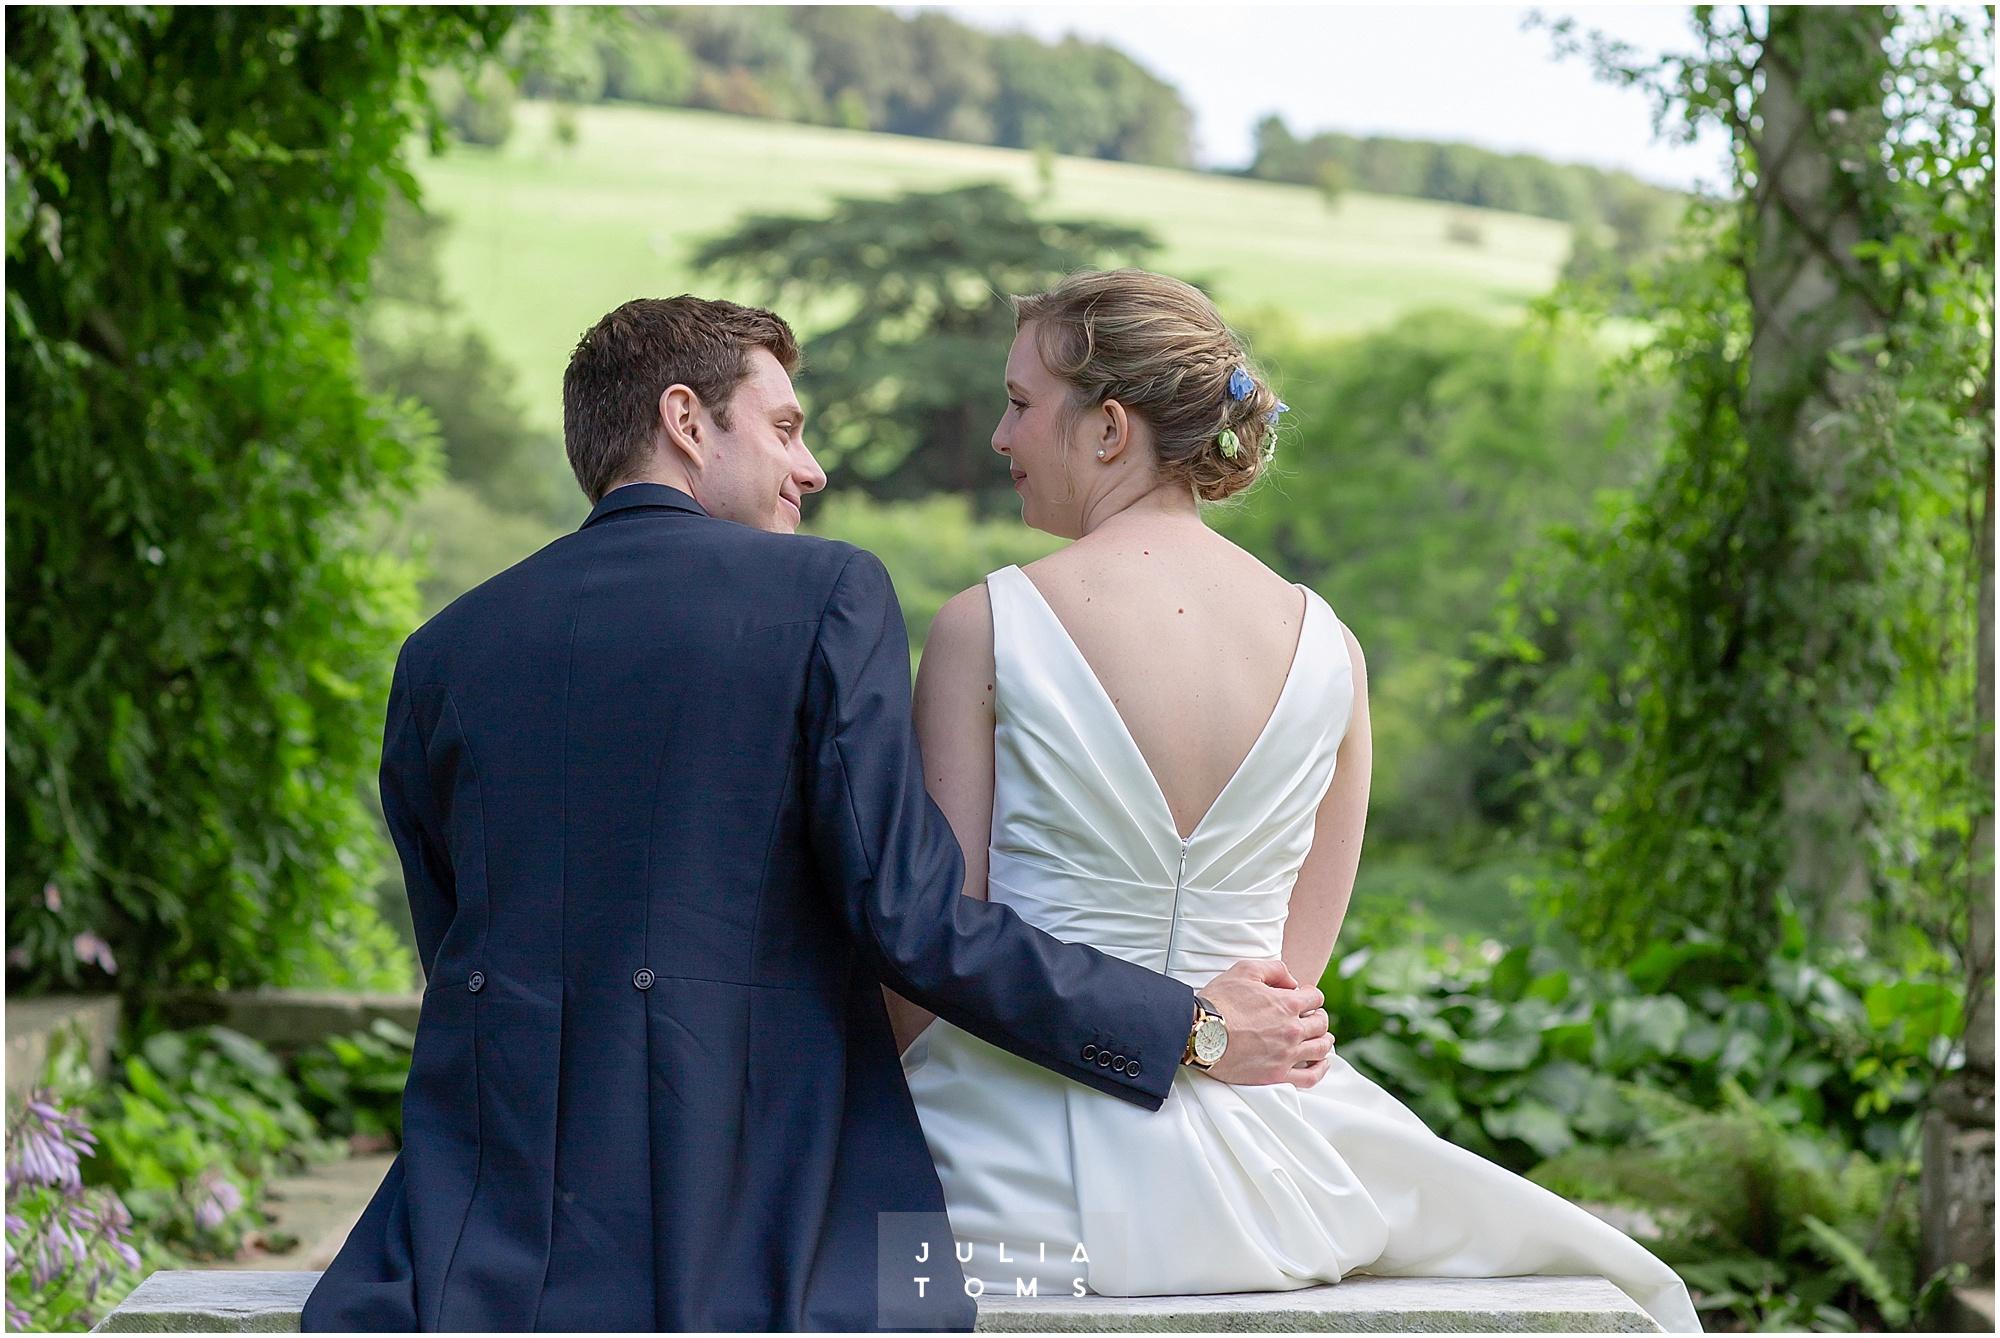 westsussex_wedding_photographer_westdean_082.jpg